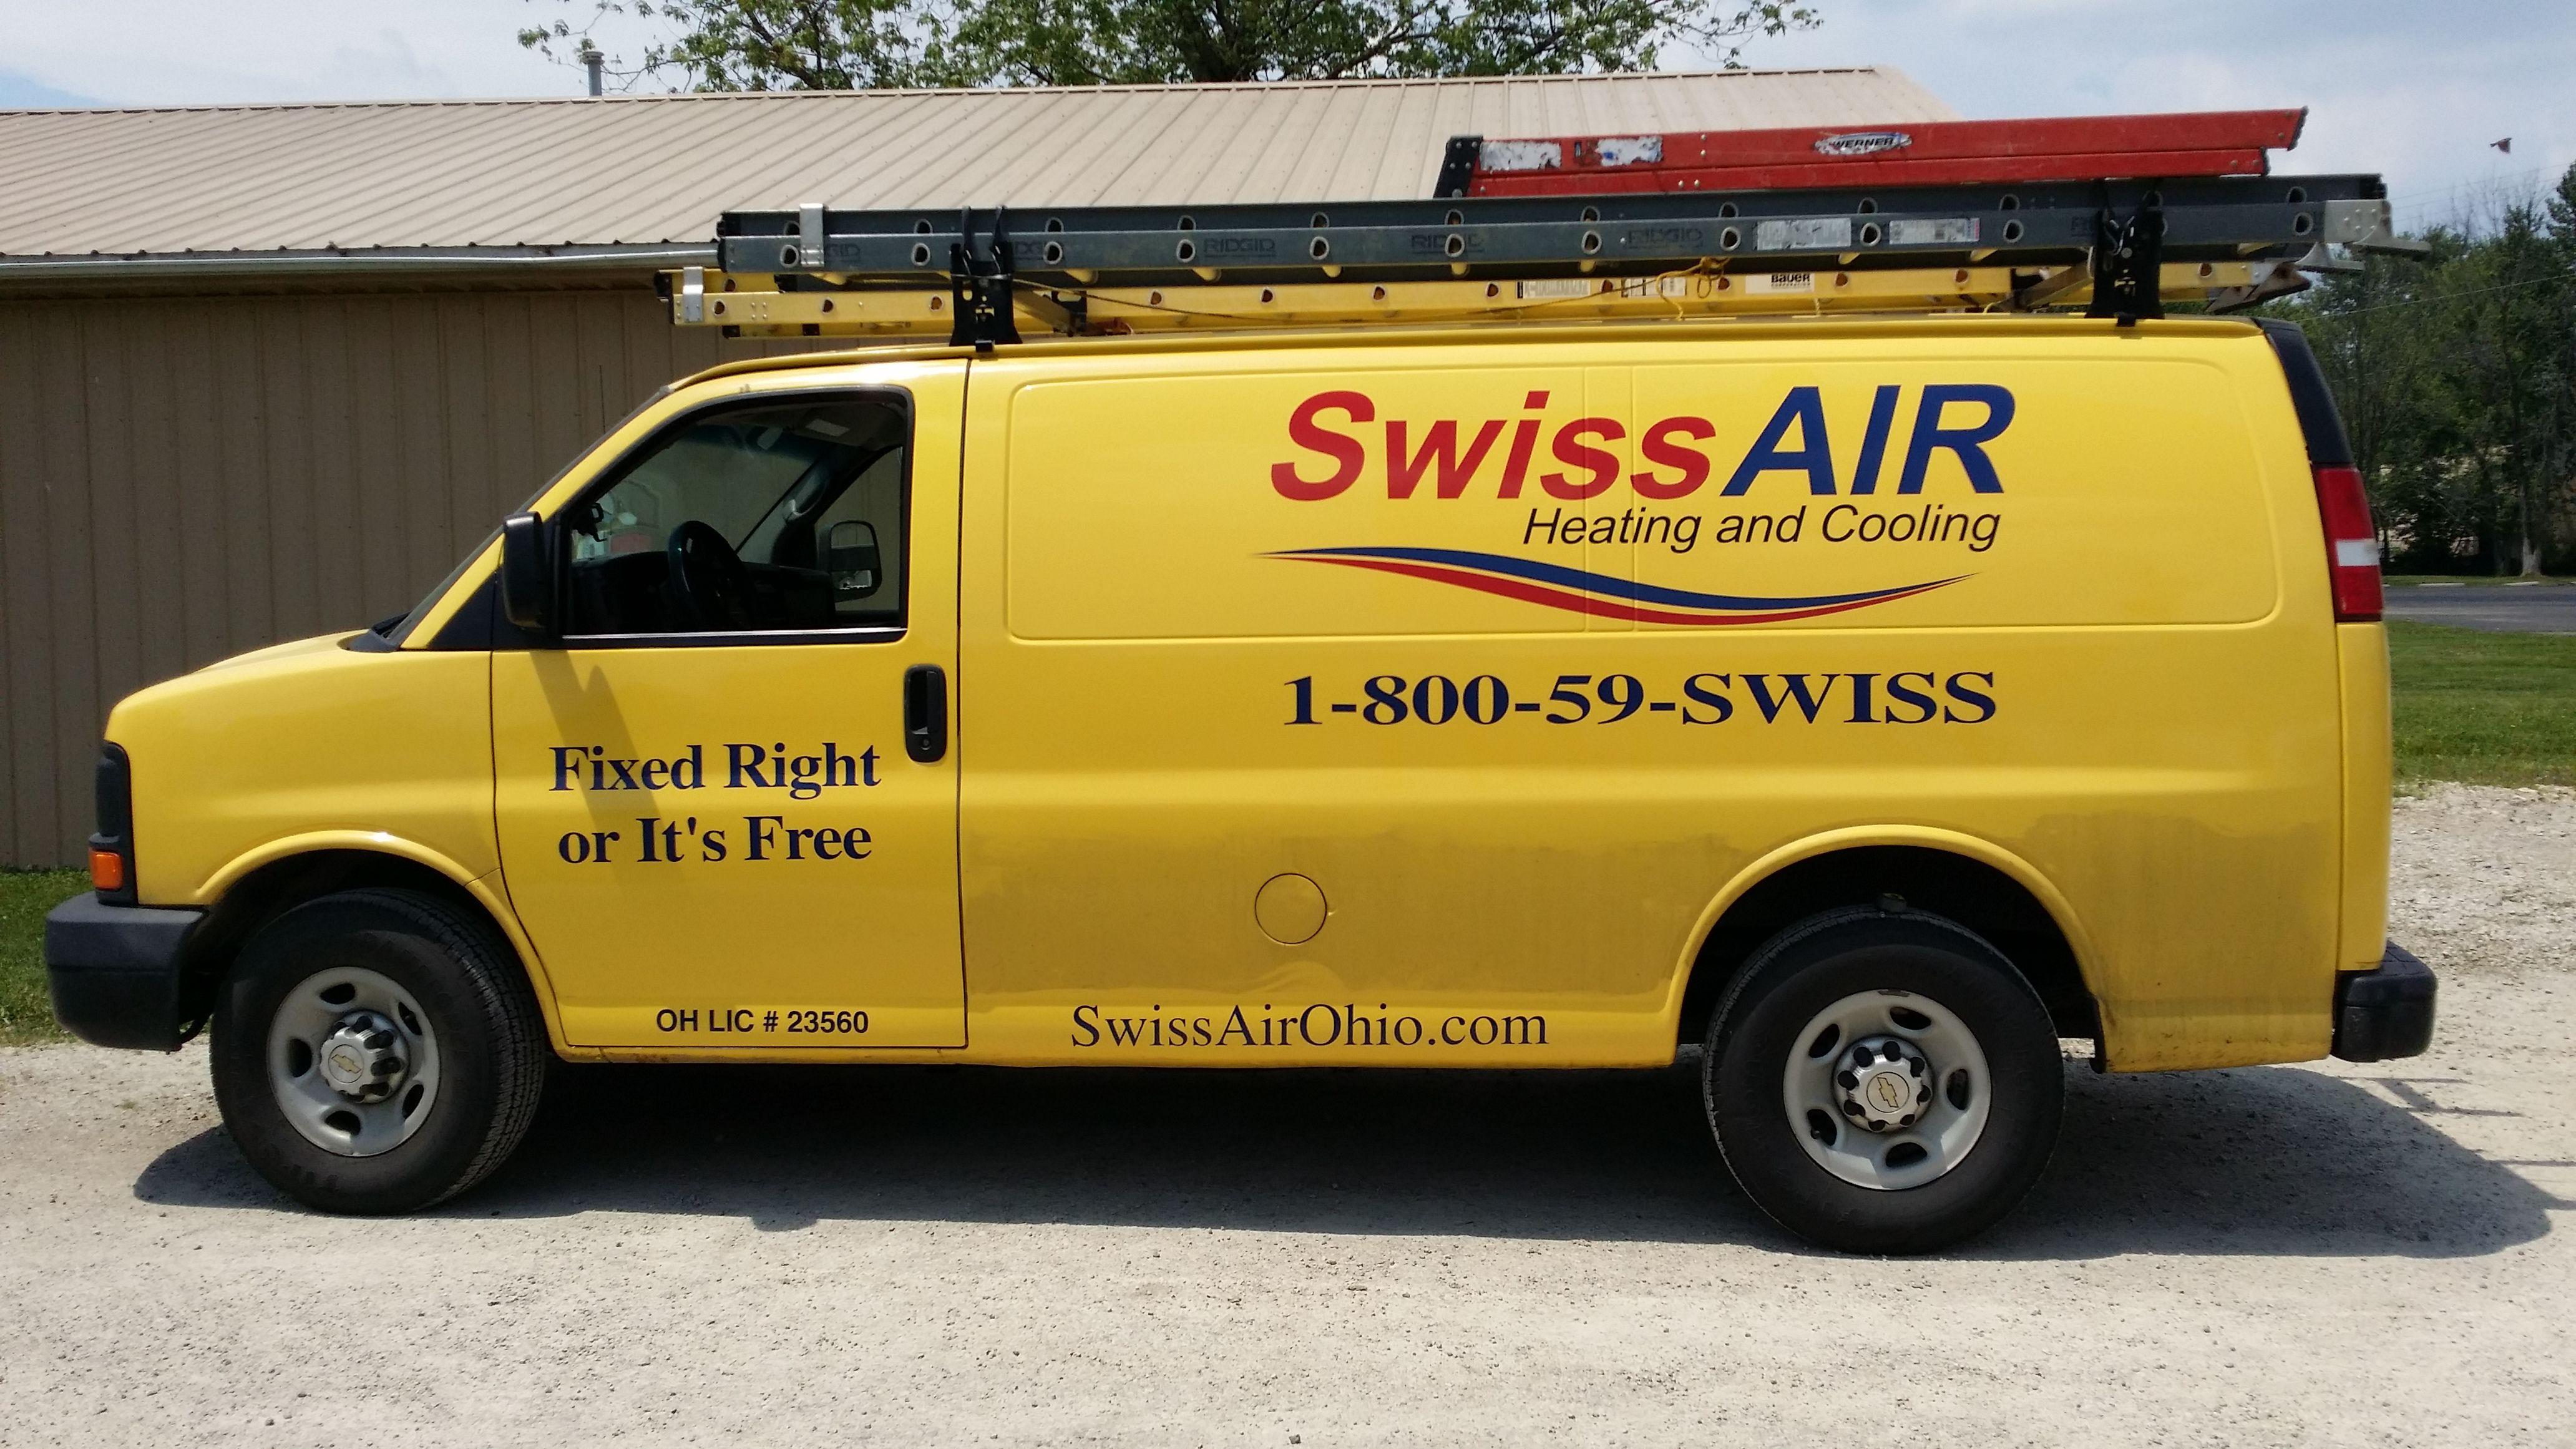 Swiss Air Van Swiss Air Mobile Marketing Logos Design